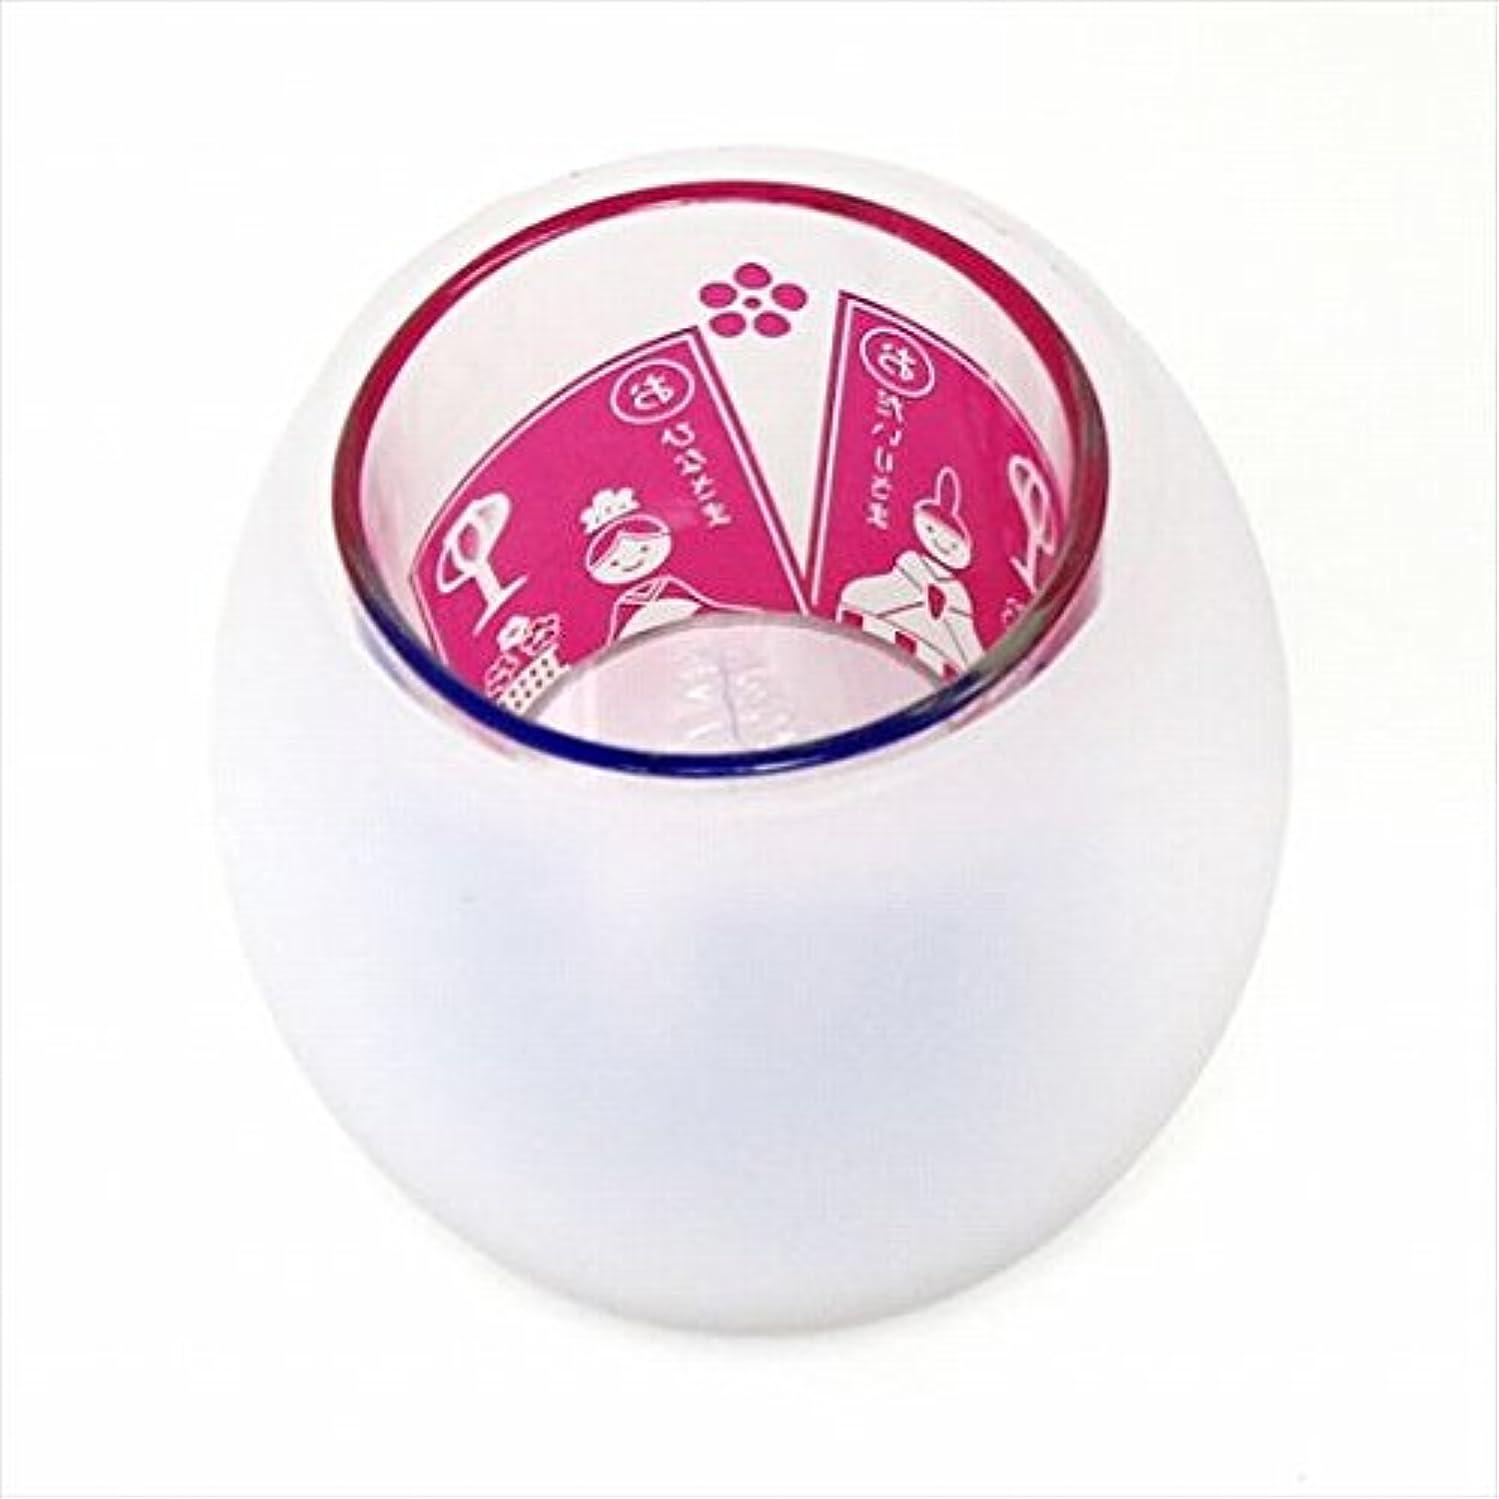 アームストロング用心するやめるカメヤマキャンドル( kameyama candle ) 節句シルエットグラス